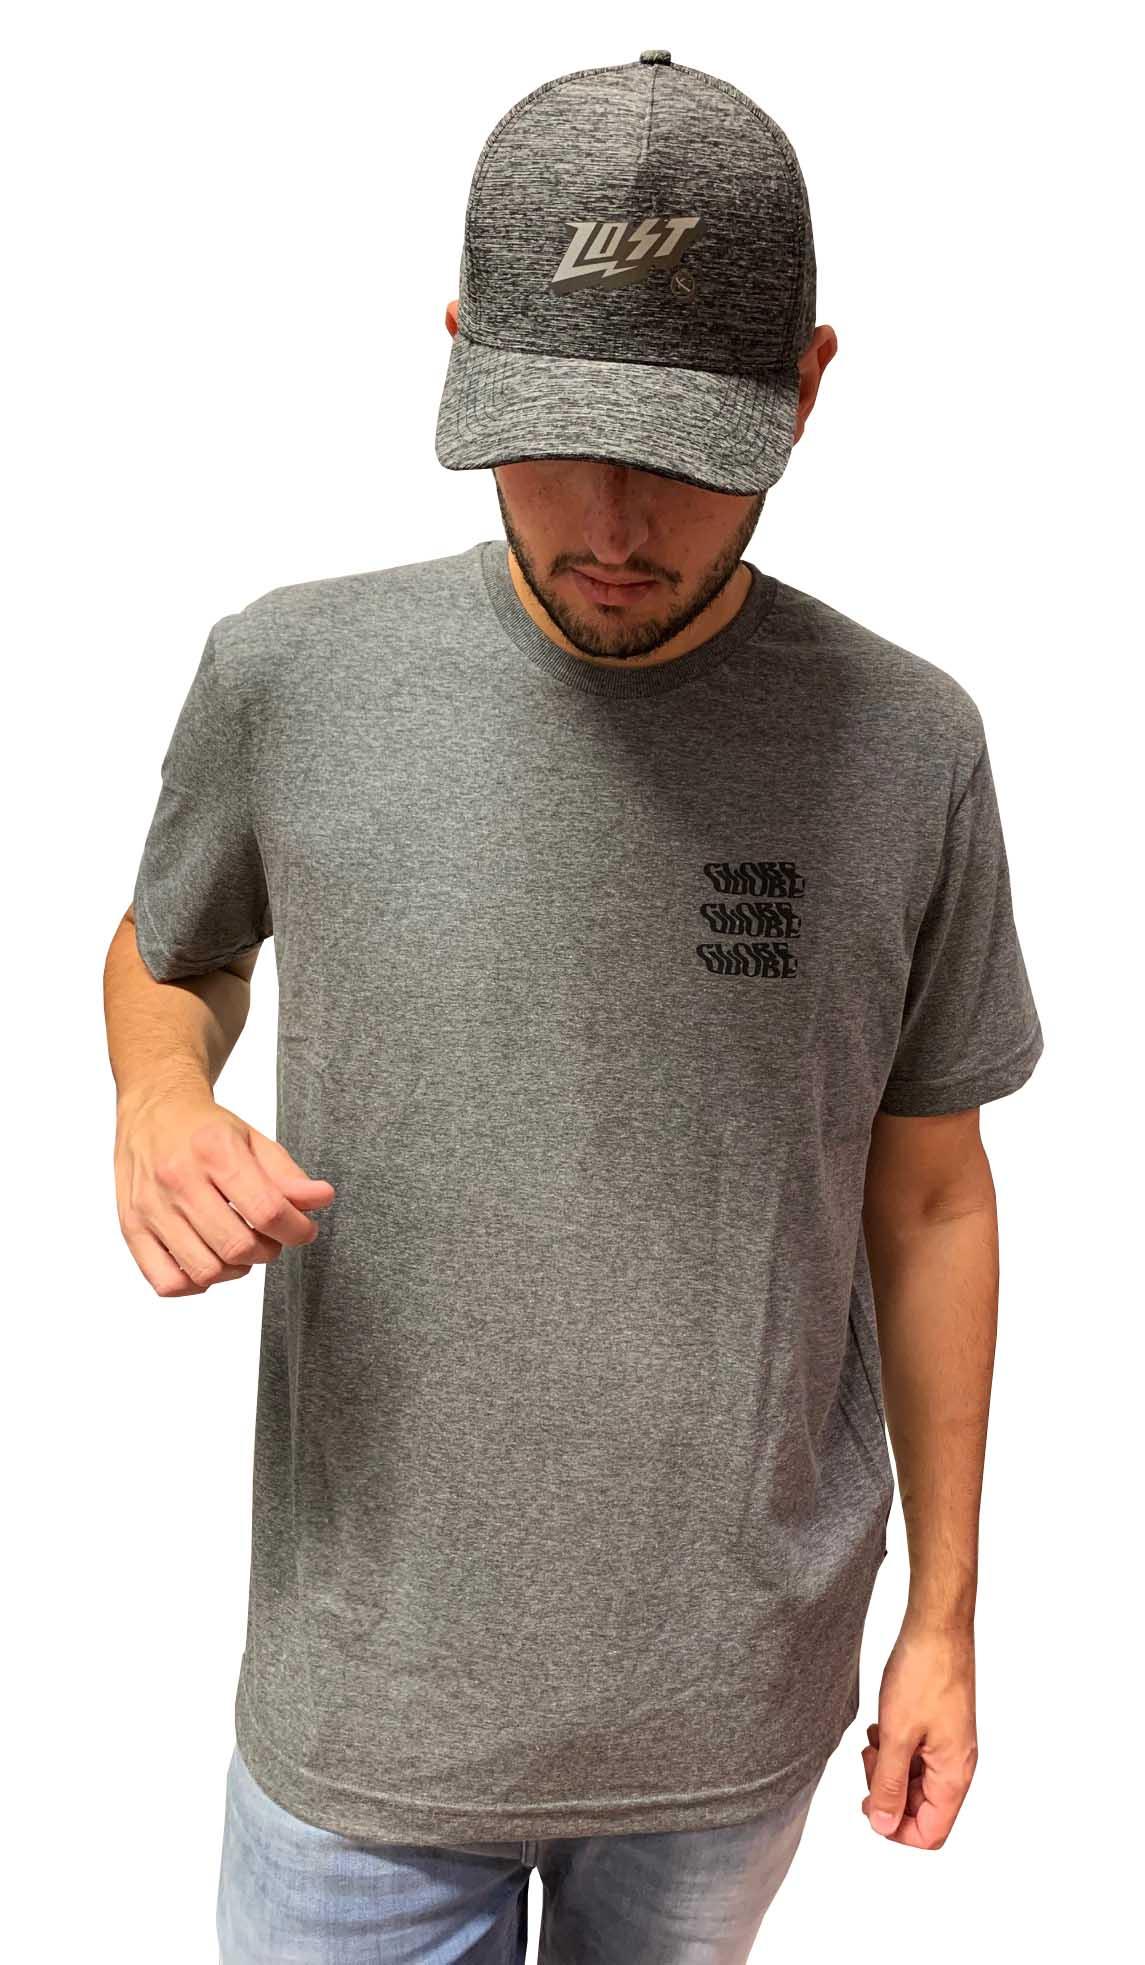 Camiseta Globe Smile Now Cry Later Masculina 12806